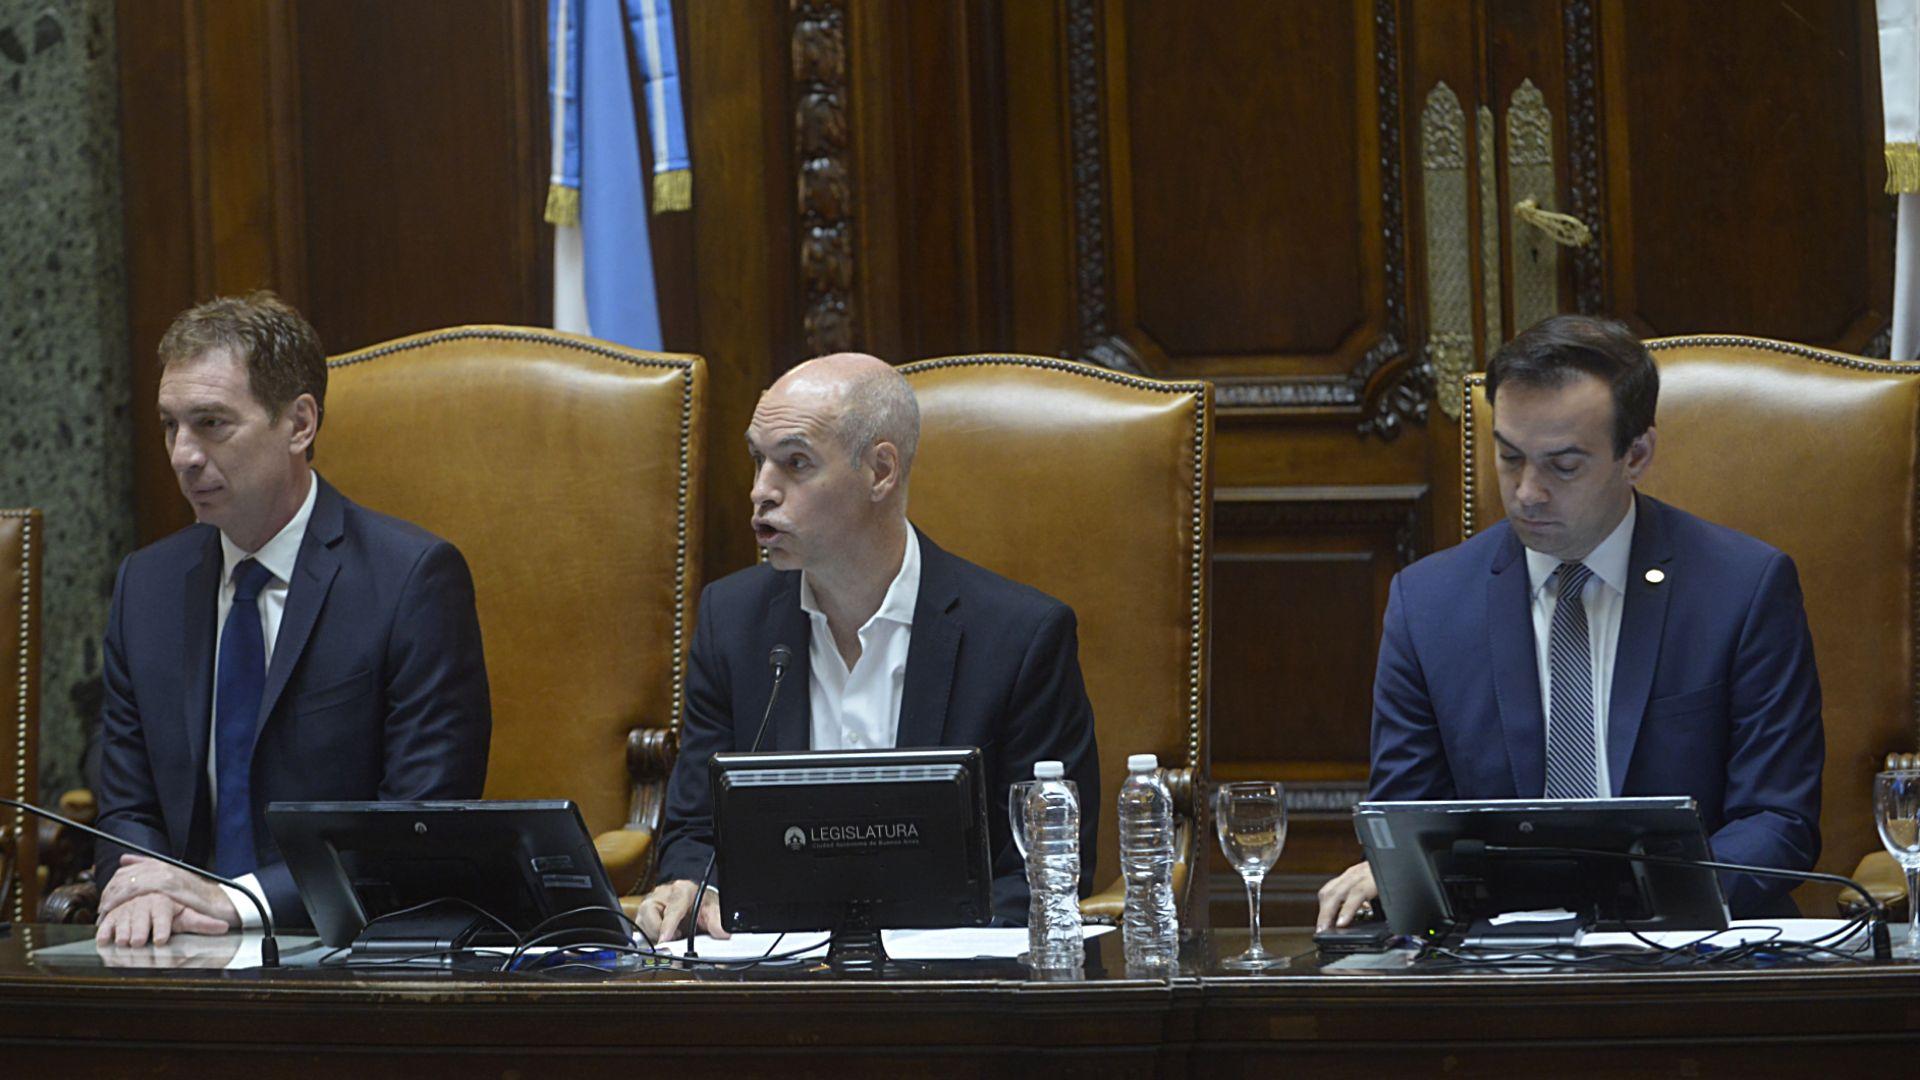 Diego Santilli, Horacio Rodríguez Larreta y Francisco Quintana durante la apertura de sesiones ordinarias en la Legislatura porteña. (Fotos: Gustavo Gavotti)